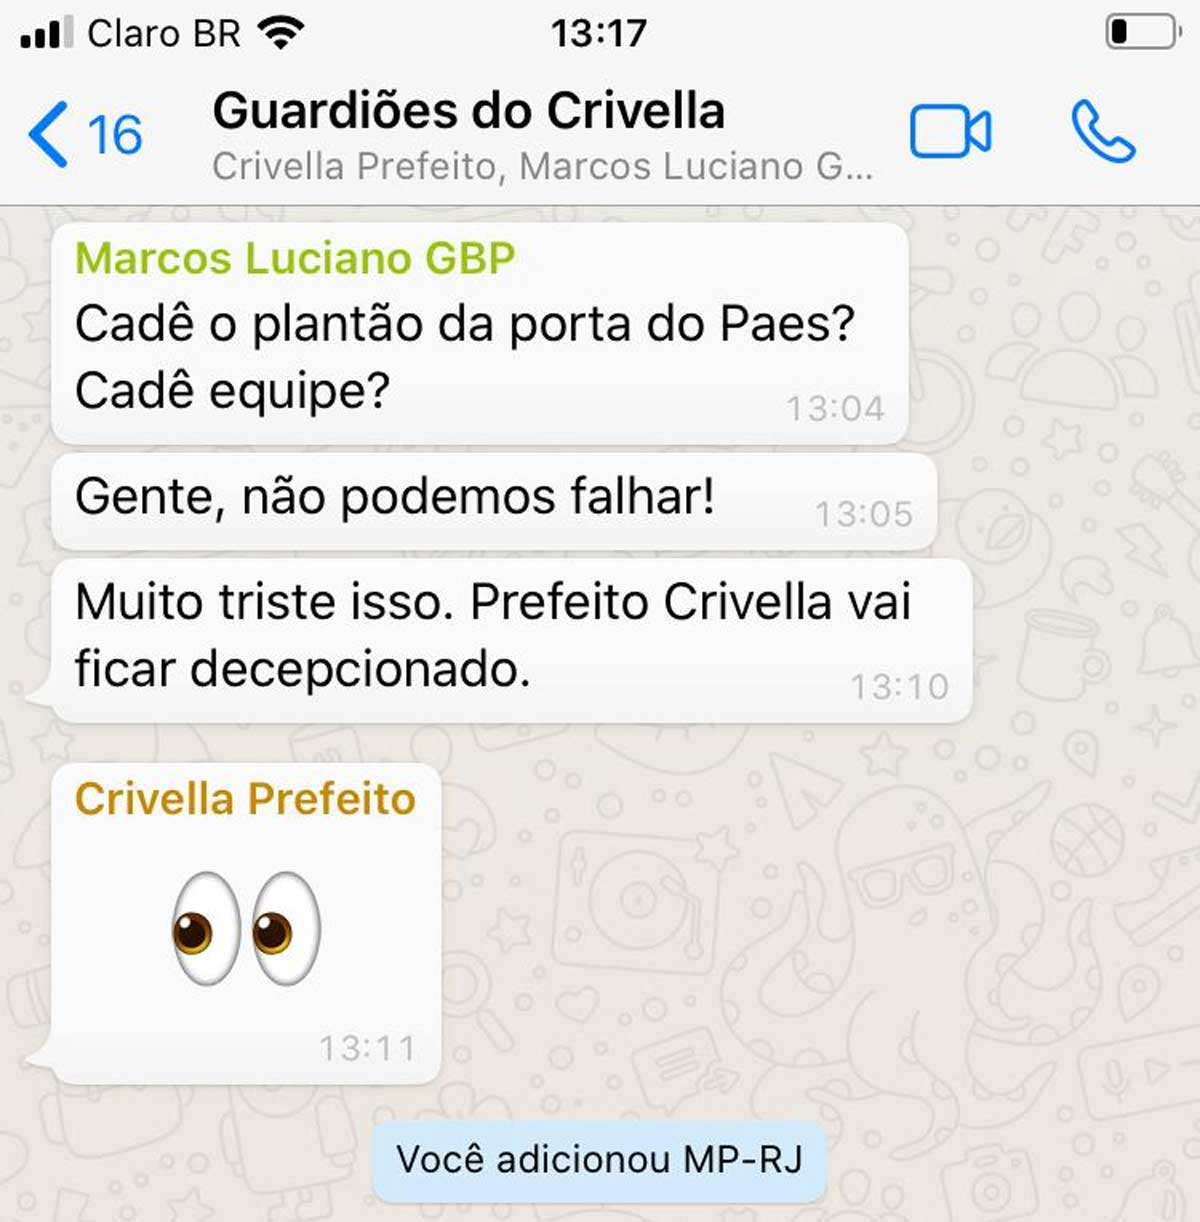 Partidos adversários de Crivella estão buscando maneiras de manter seus candidatos sem identificação até a véspera das eleições, evitando assim possíveis operações de busca e apreensão